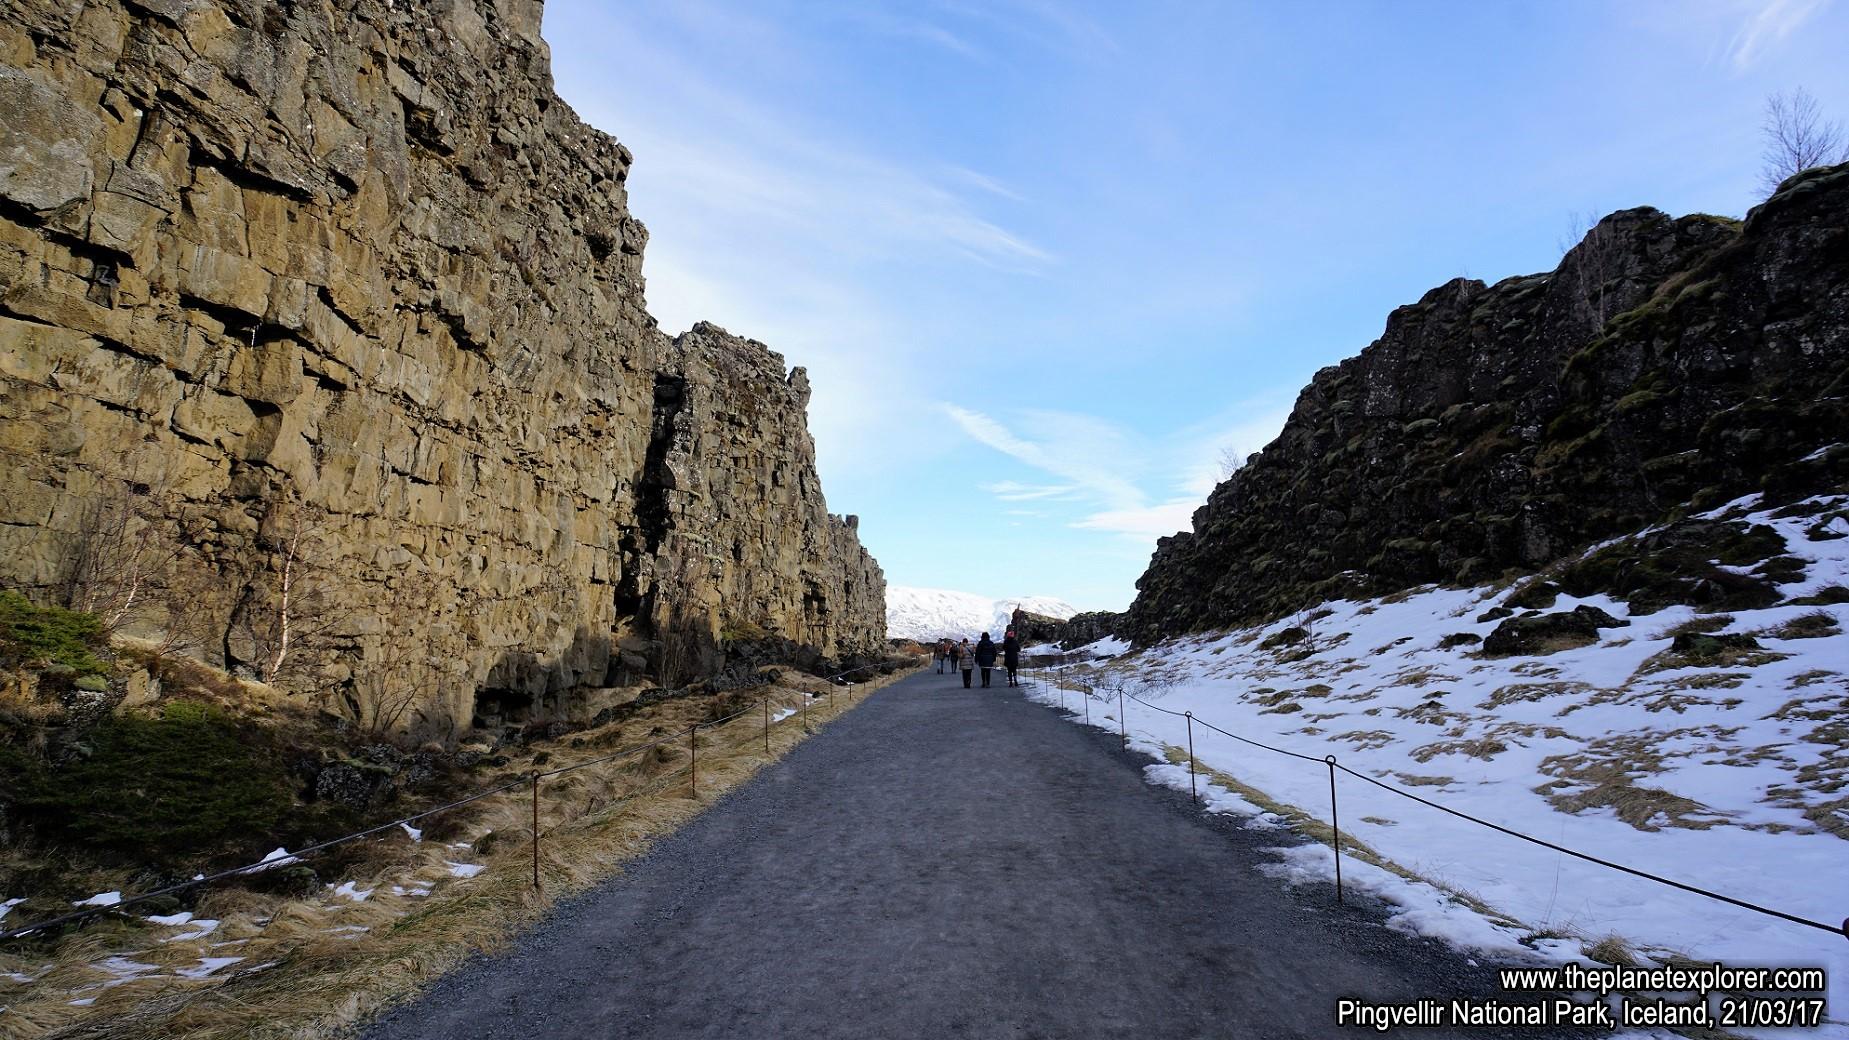 2017-03-21_1033_Iceland_Pingvellir National Park_DSC02137_s7R2_LR_@www